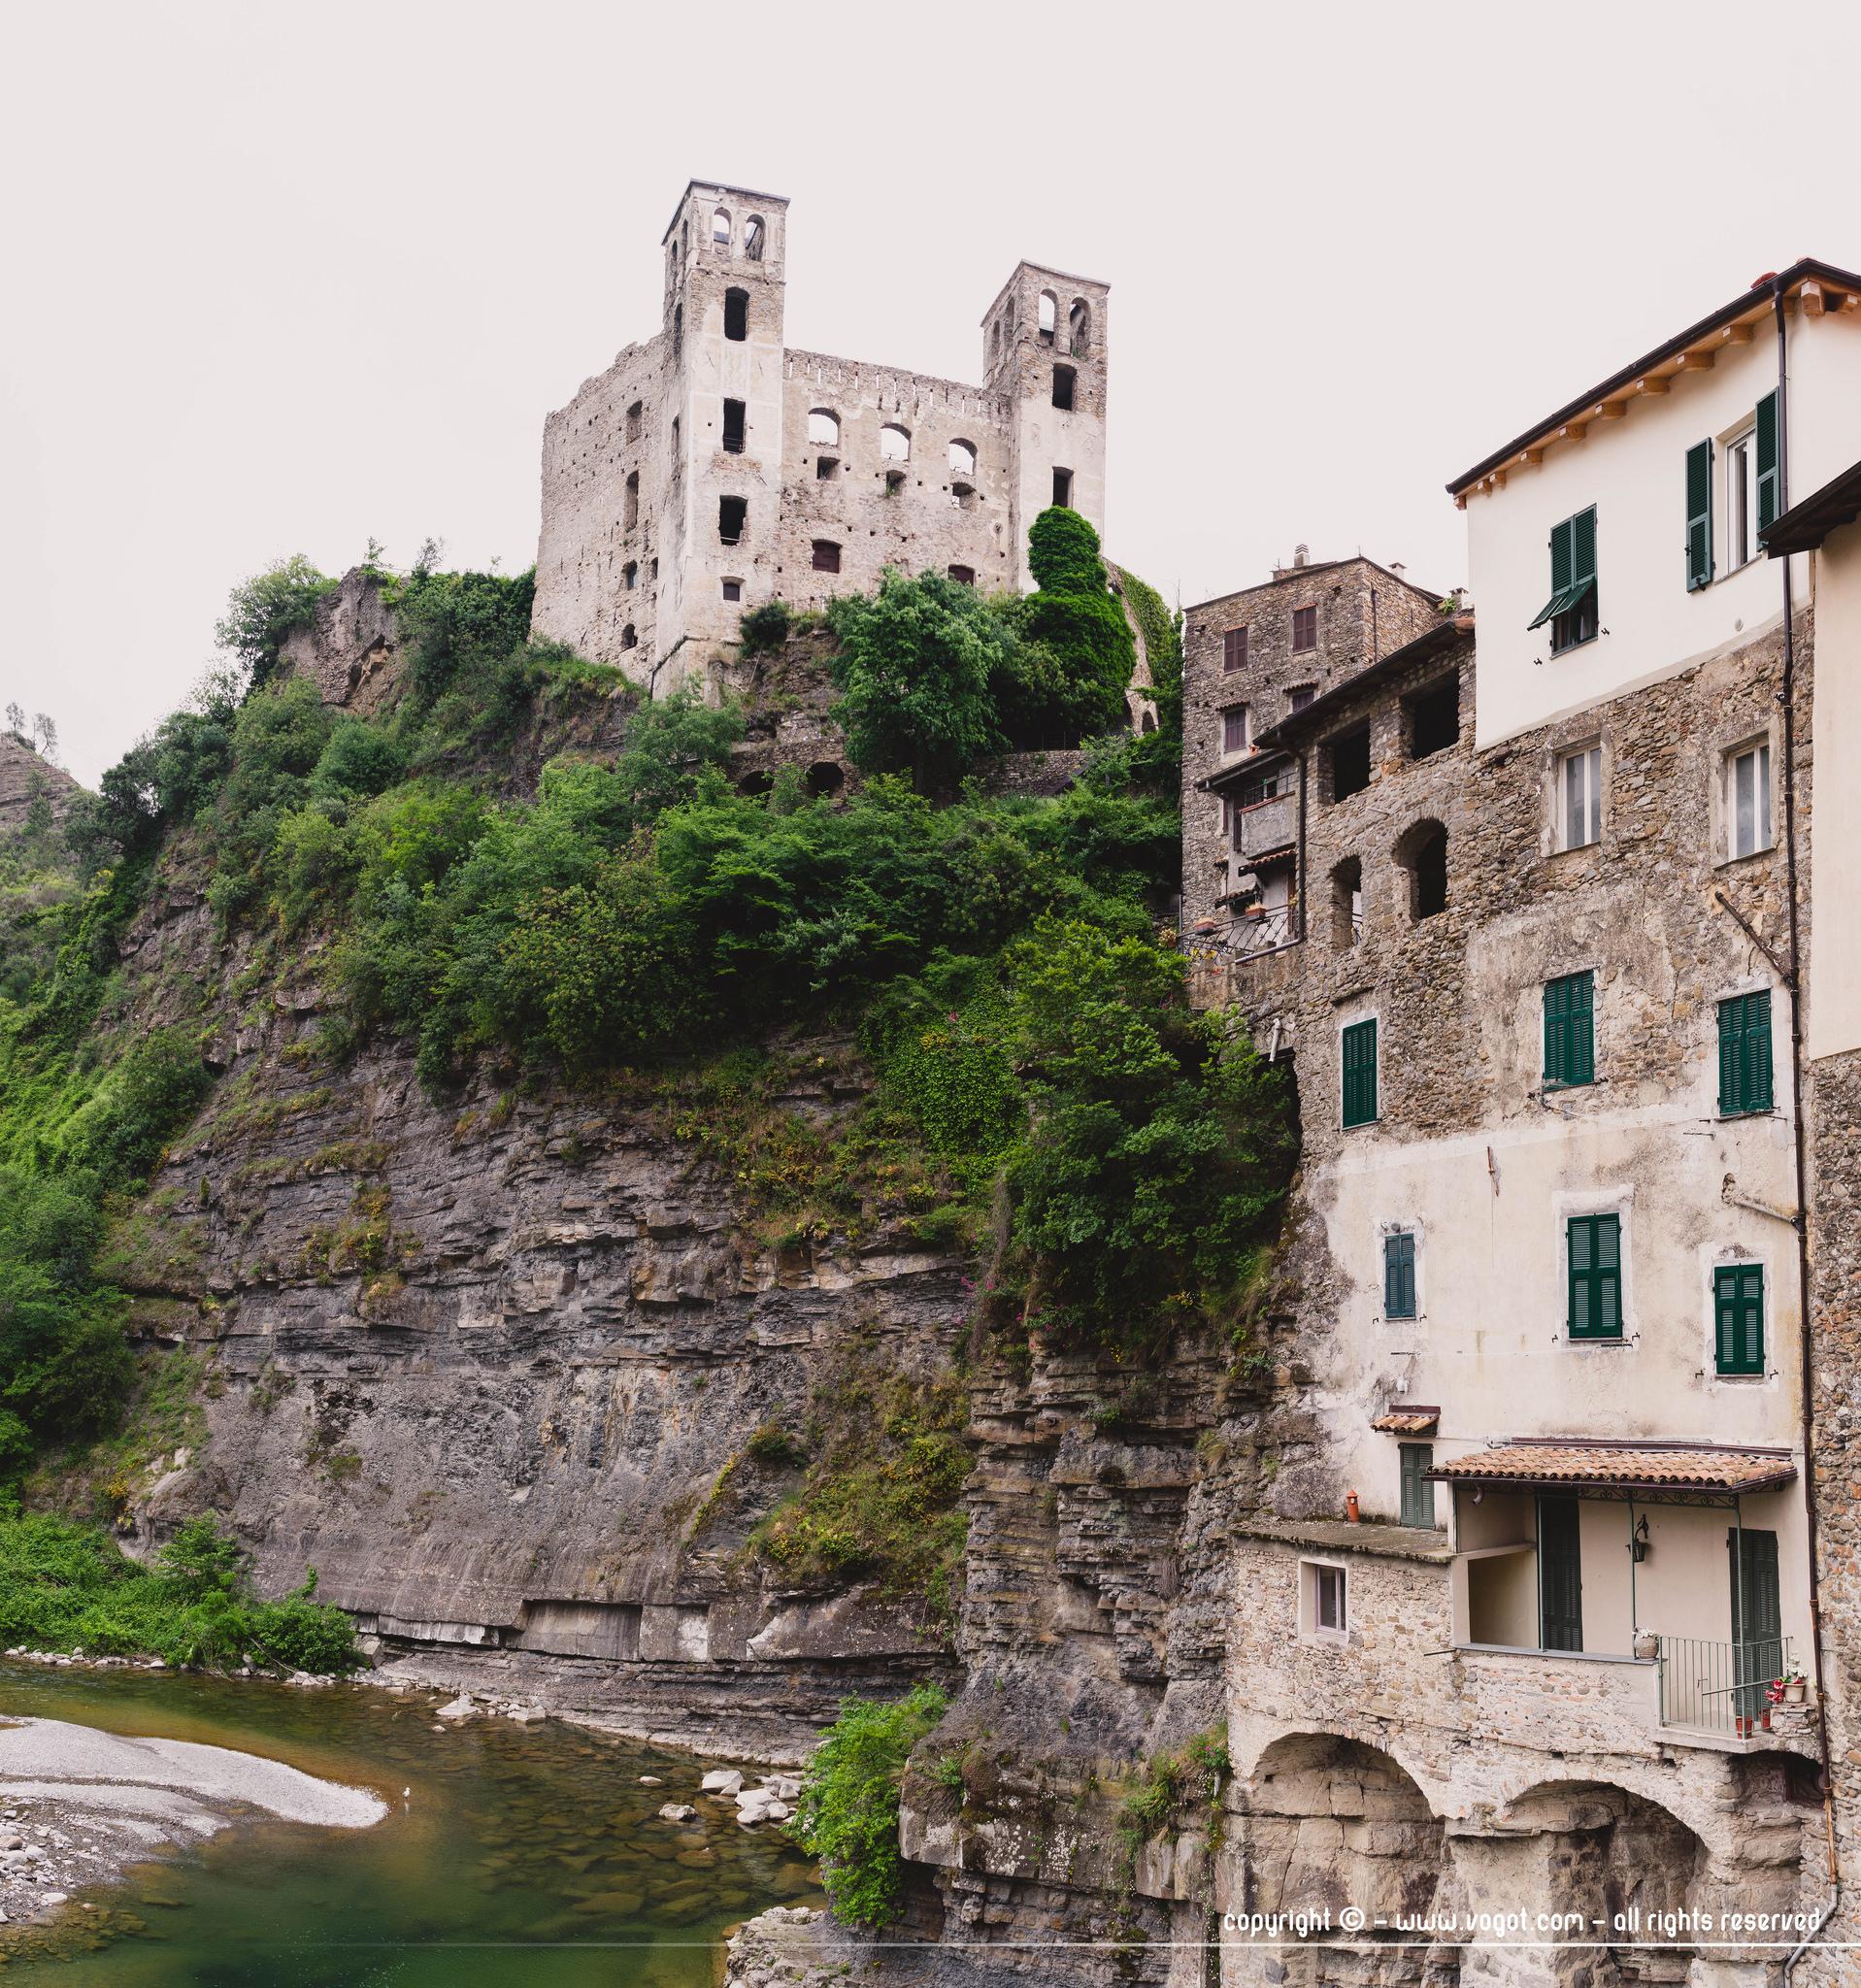 Visiter Dolceacqua - le château des Doria surplombant le vieux village